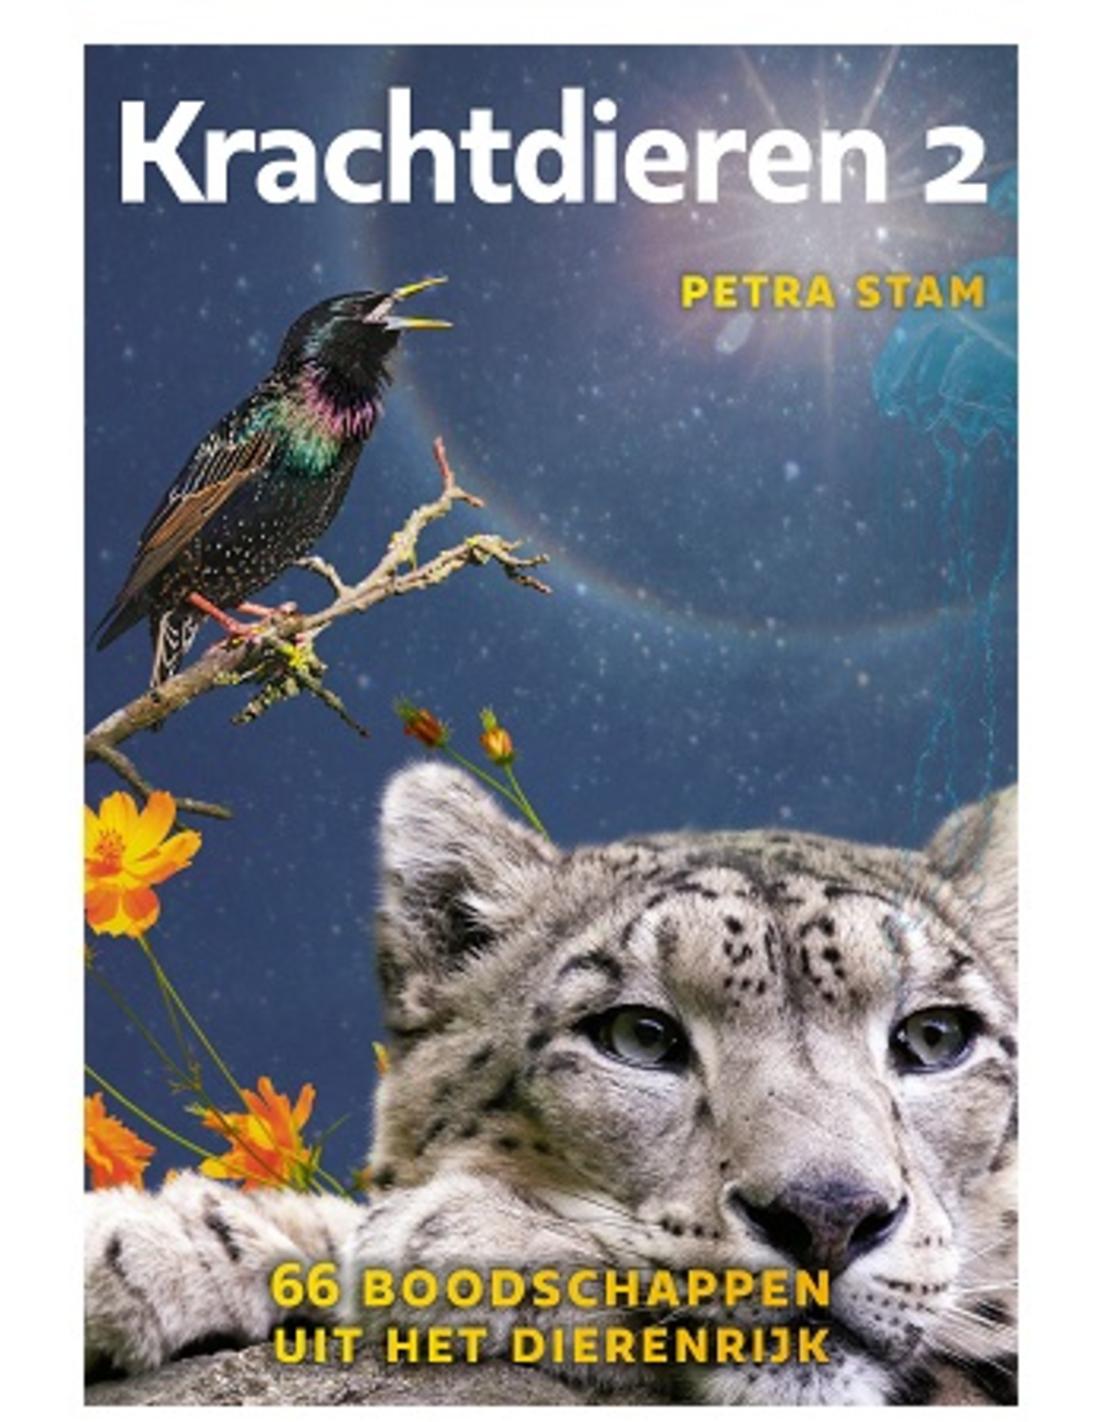 Krachtdieren kaarten set 2